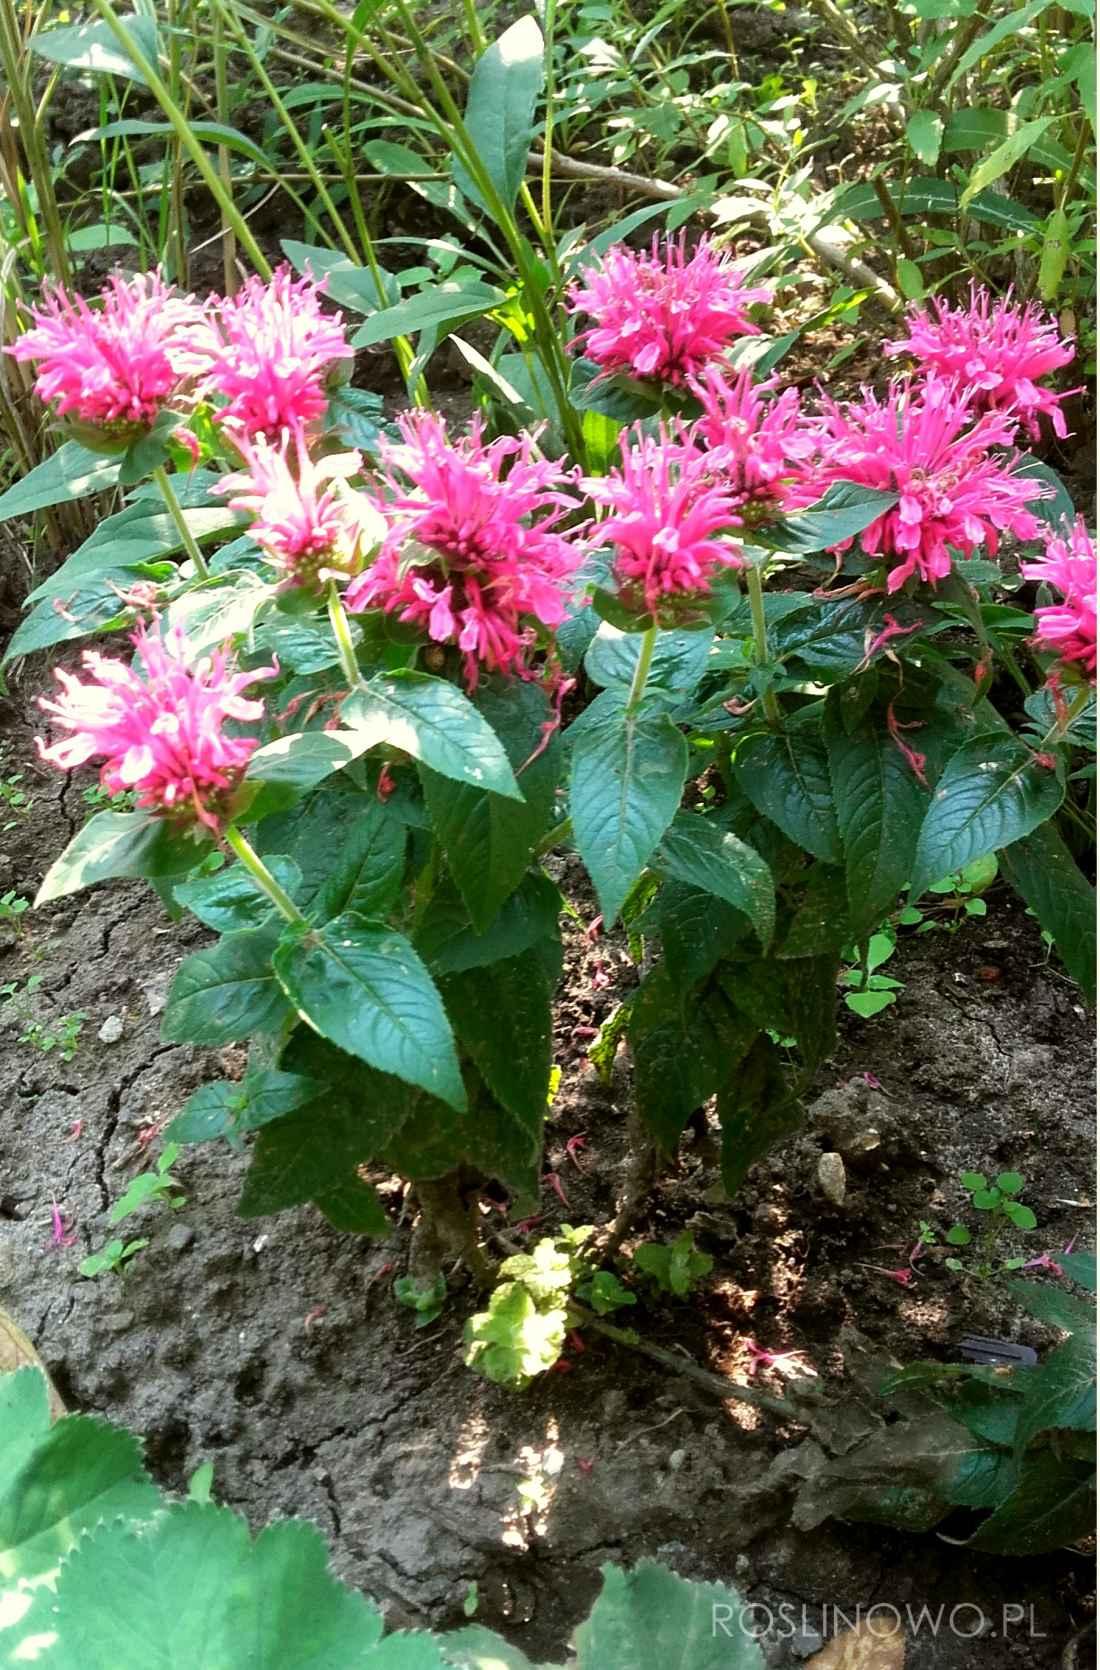 pysznogłówka pink roślina miododajna